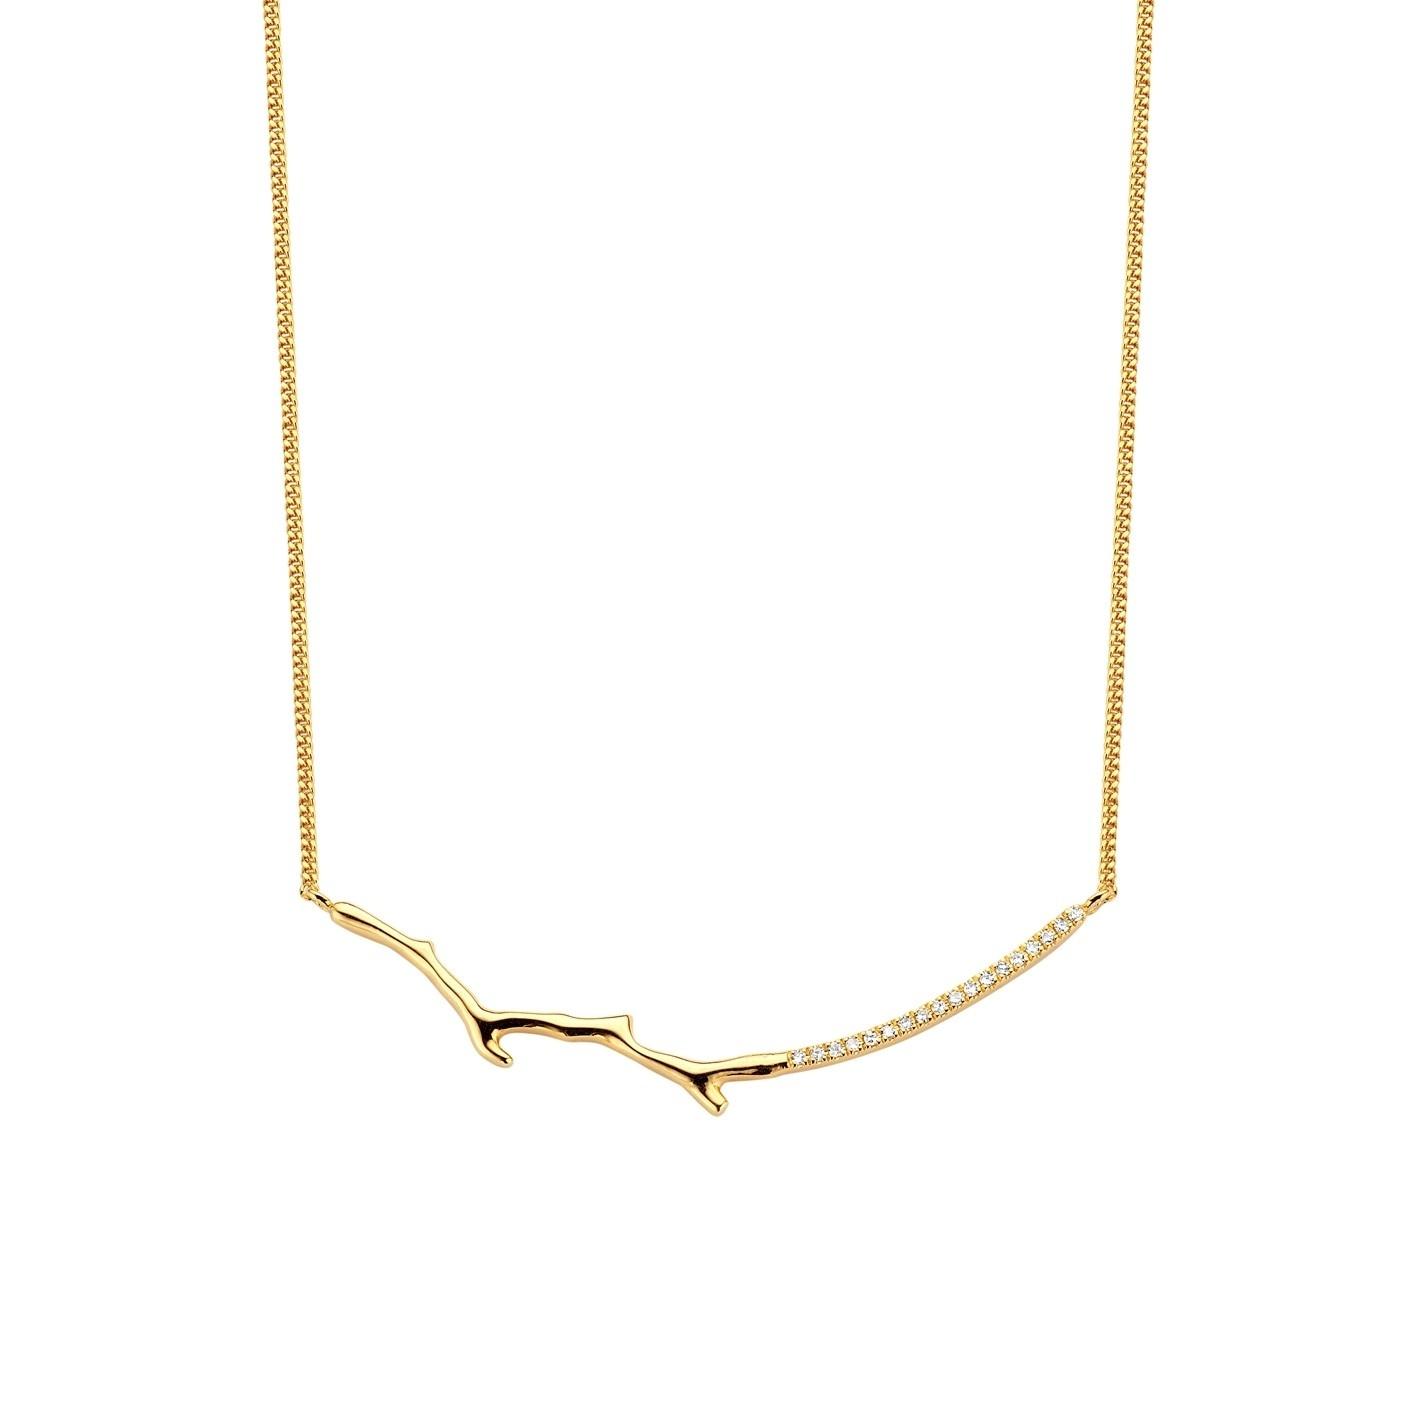 Diamanti per tutti Diamanti per tutti - Supreme Necklace